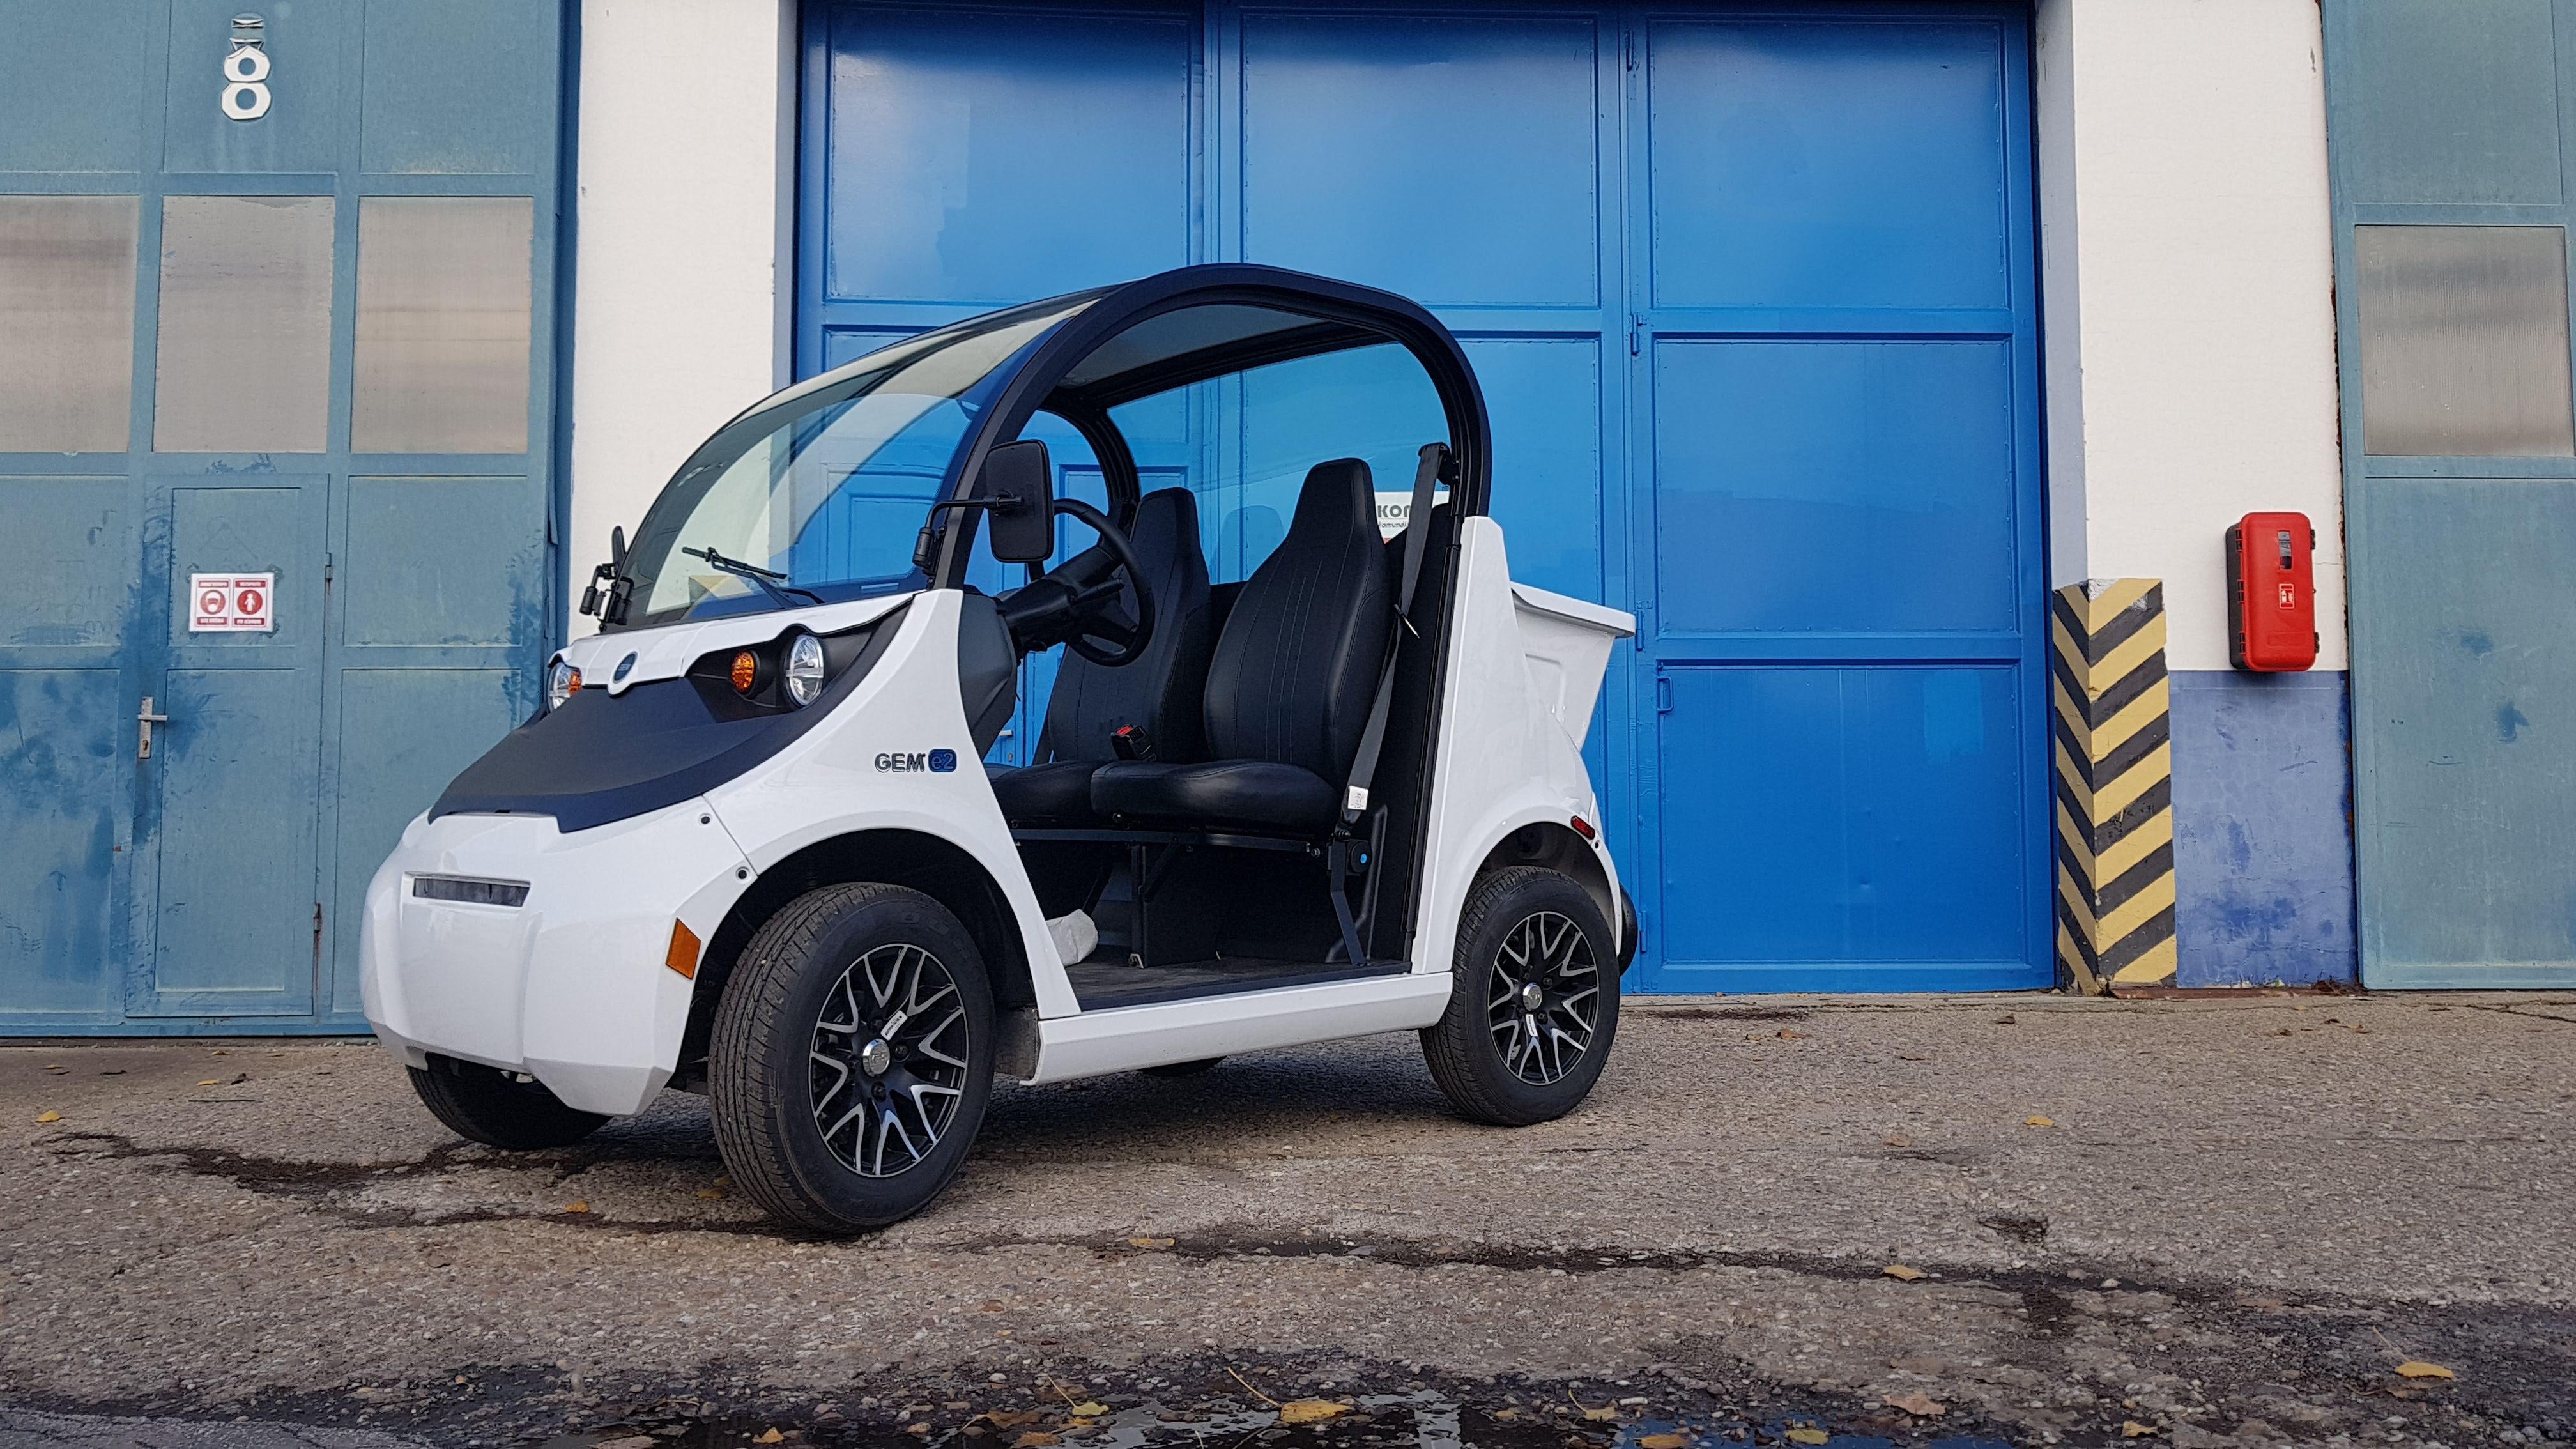 Gem e2 štýlové auto ktoré Vás dostane1